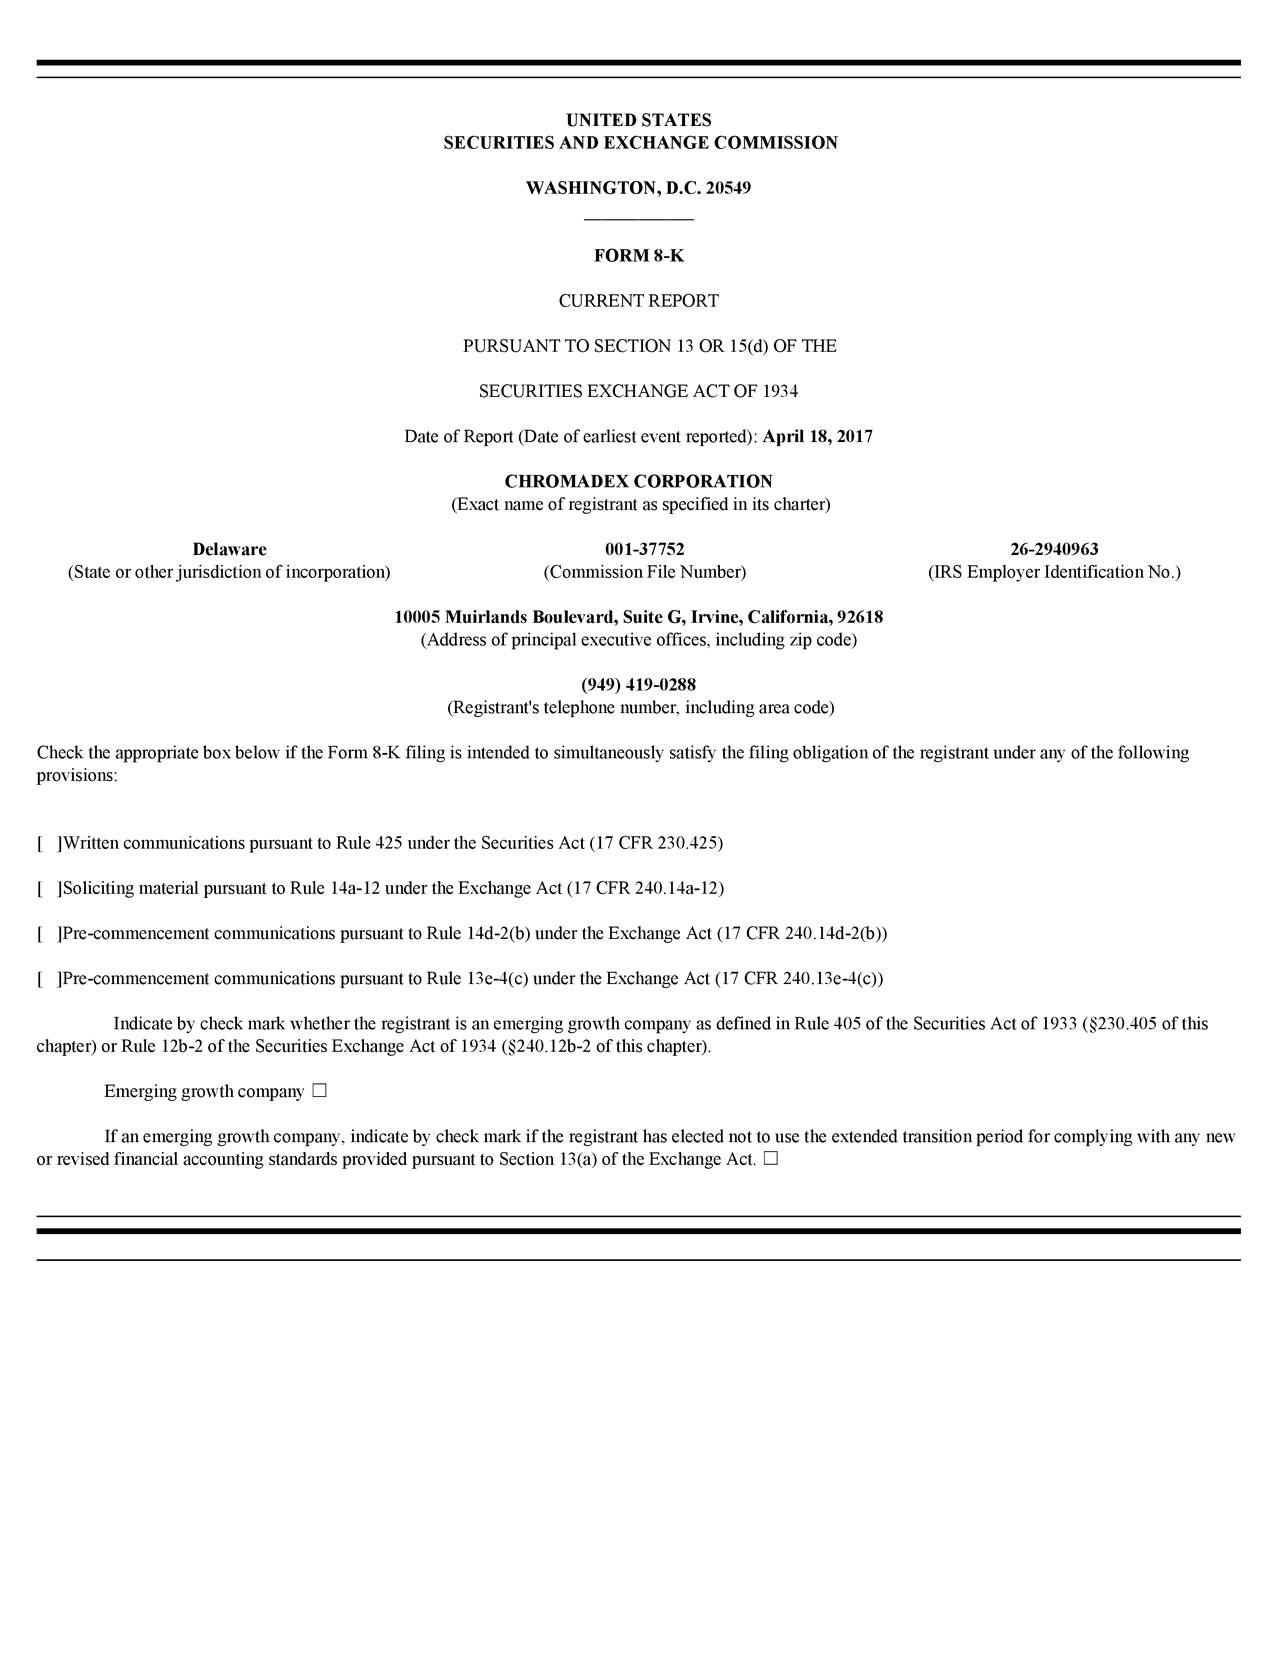 sample certificate of good standing california